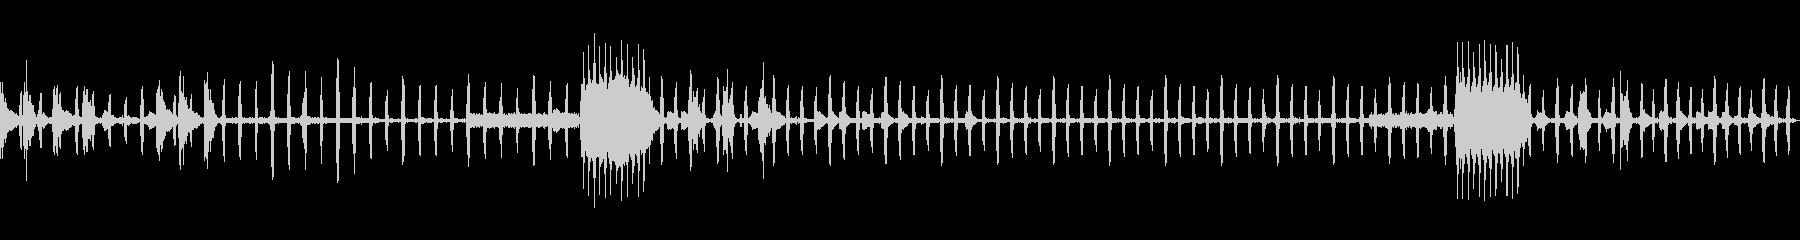 1980年代のビデオアーケード:ア...の未再生の波形